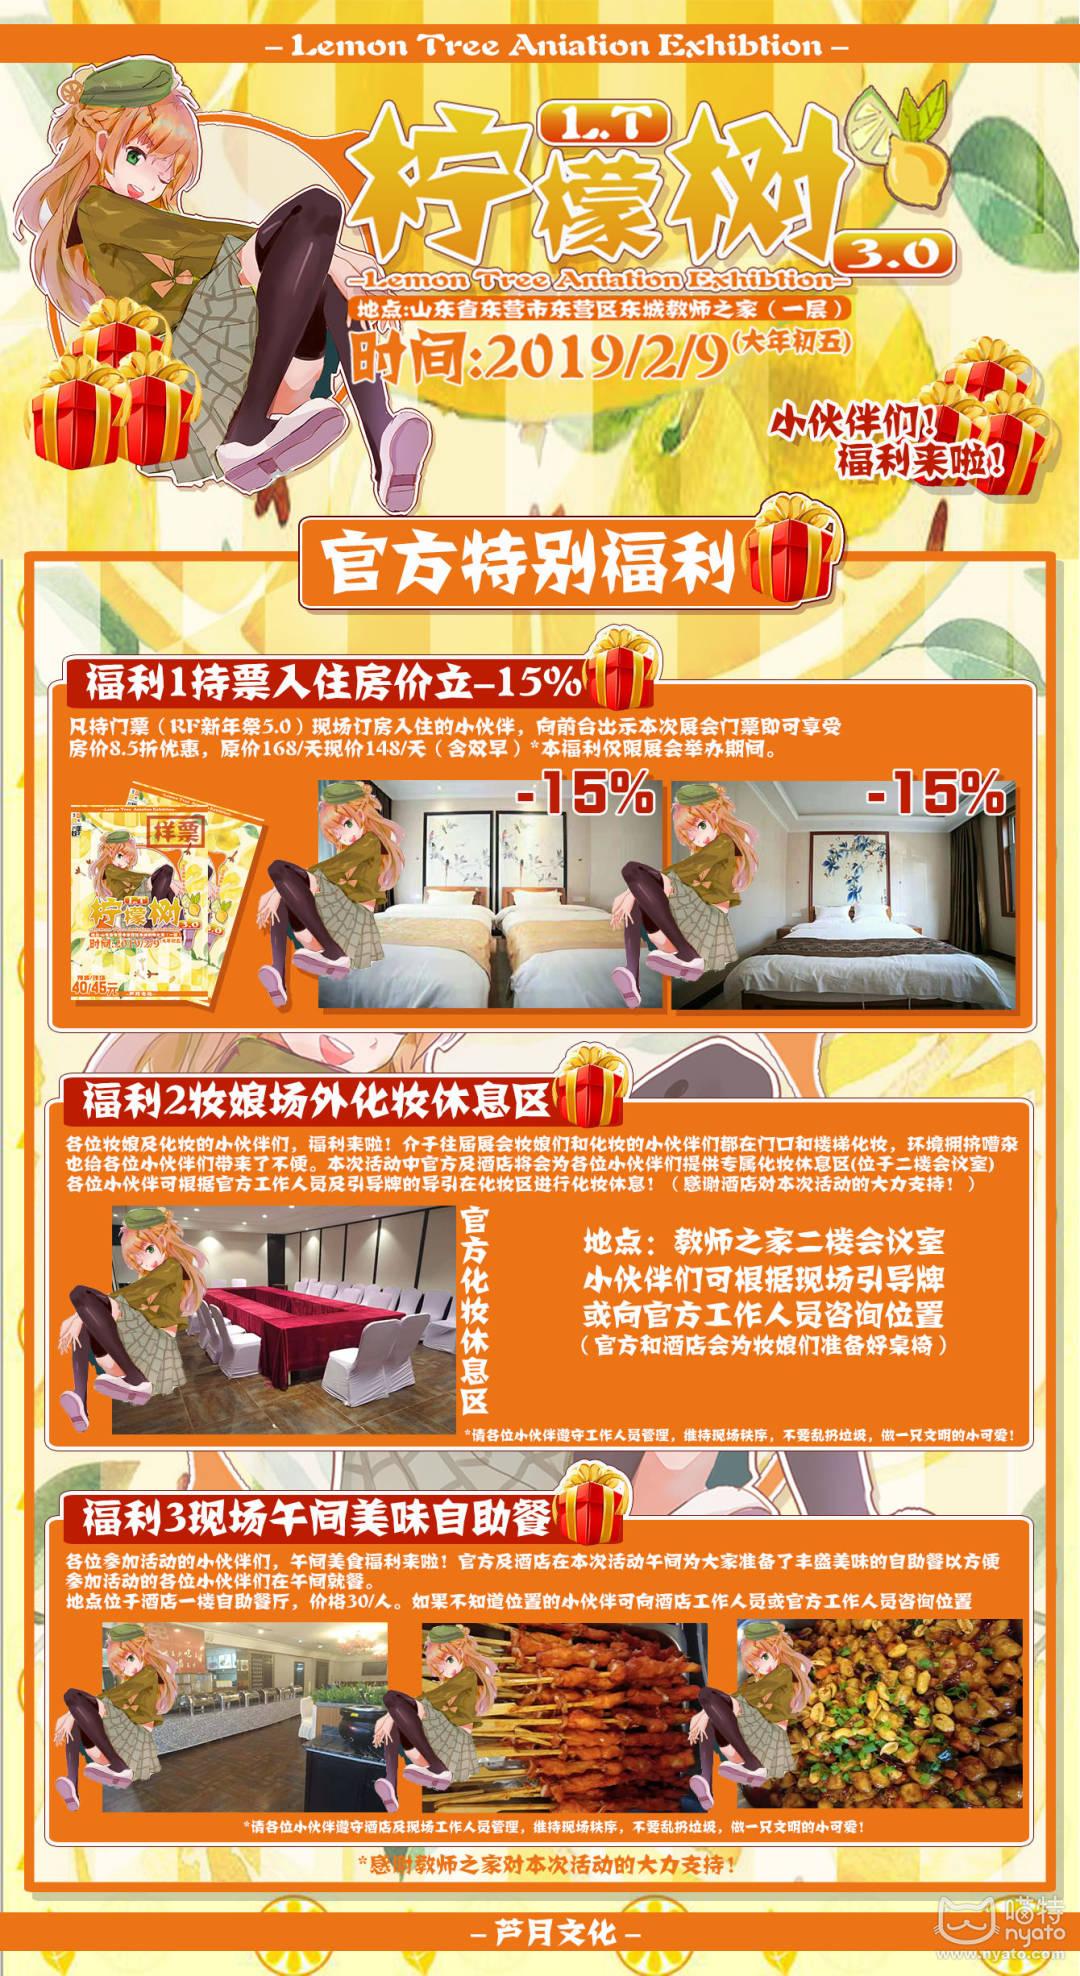 官方特别福利.jpg